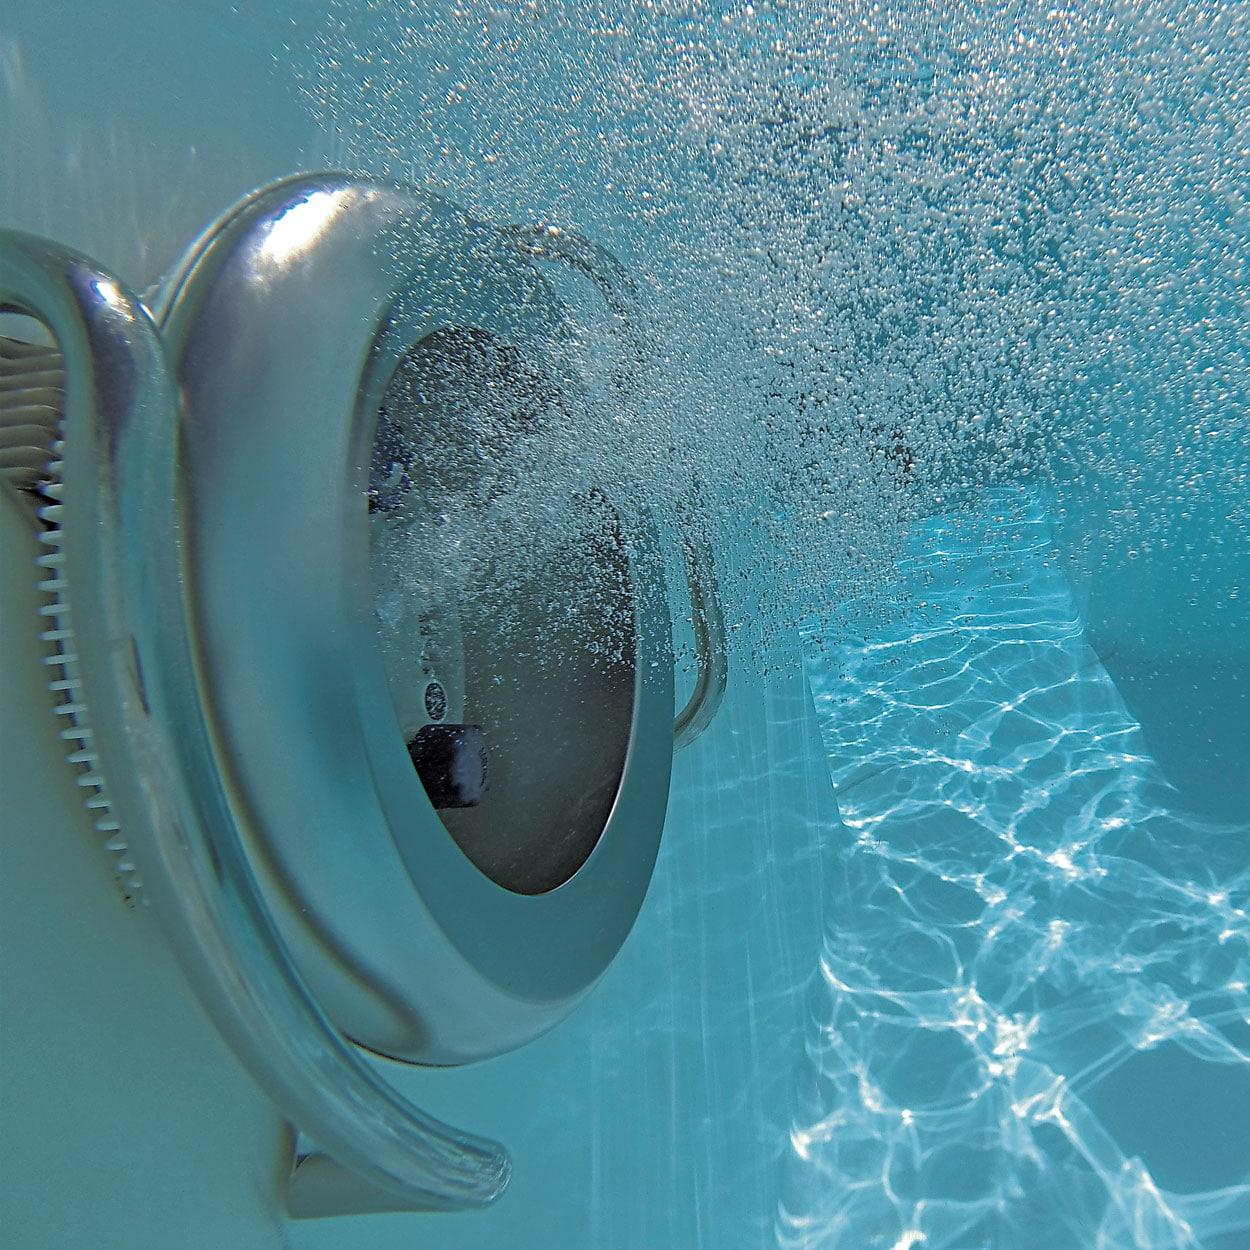 ncc_detail-2 Odalia - SBE - Accessoires de nage contre-courant